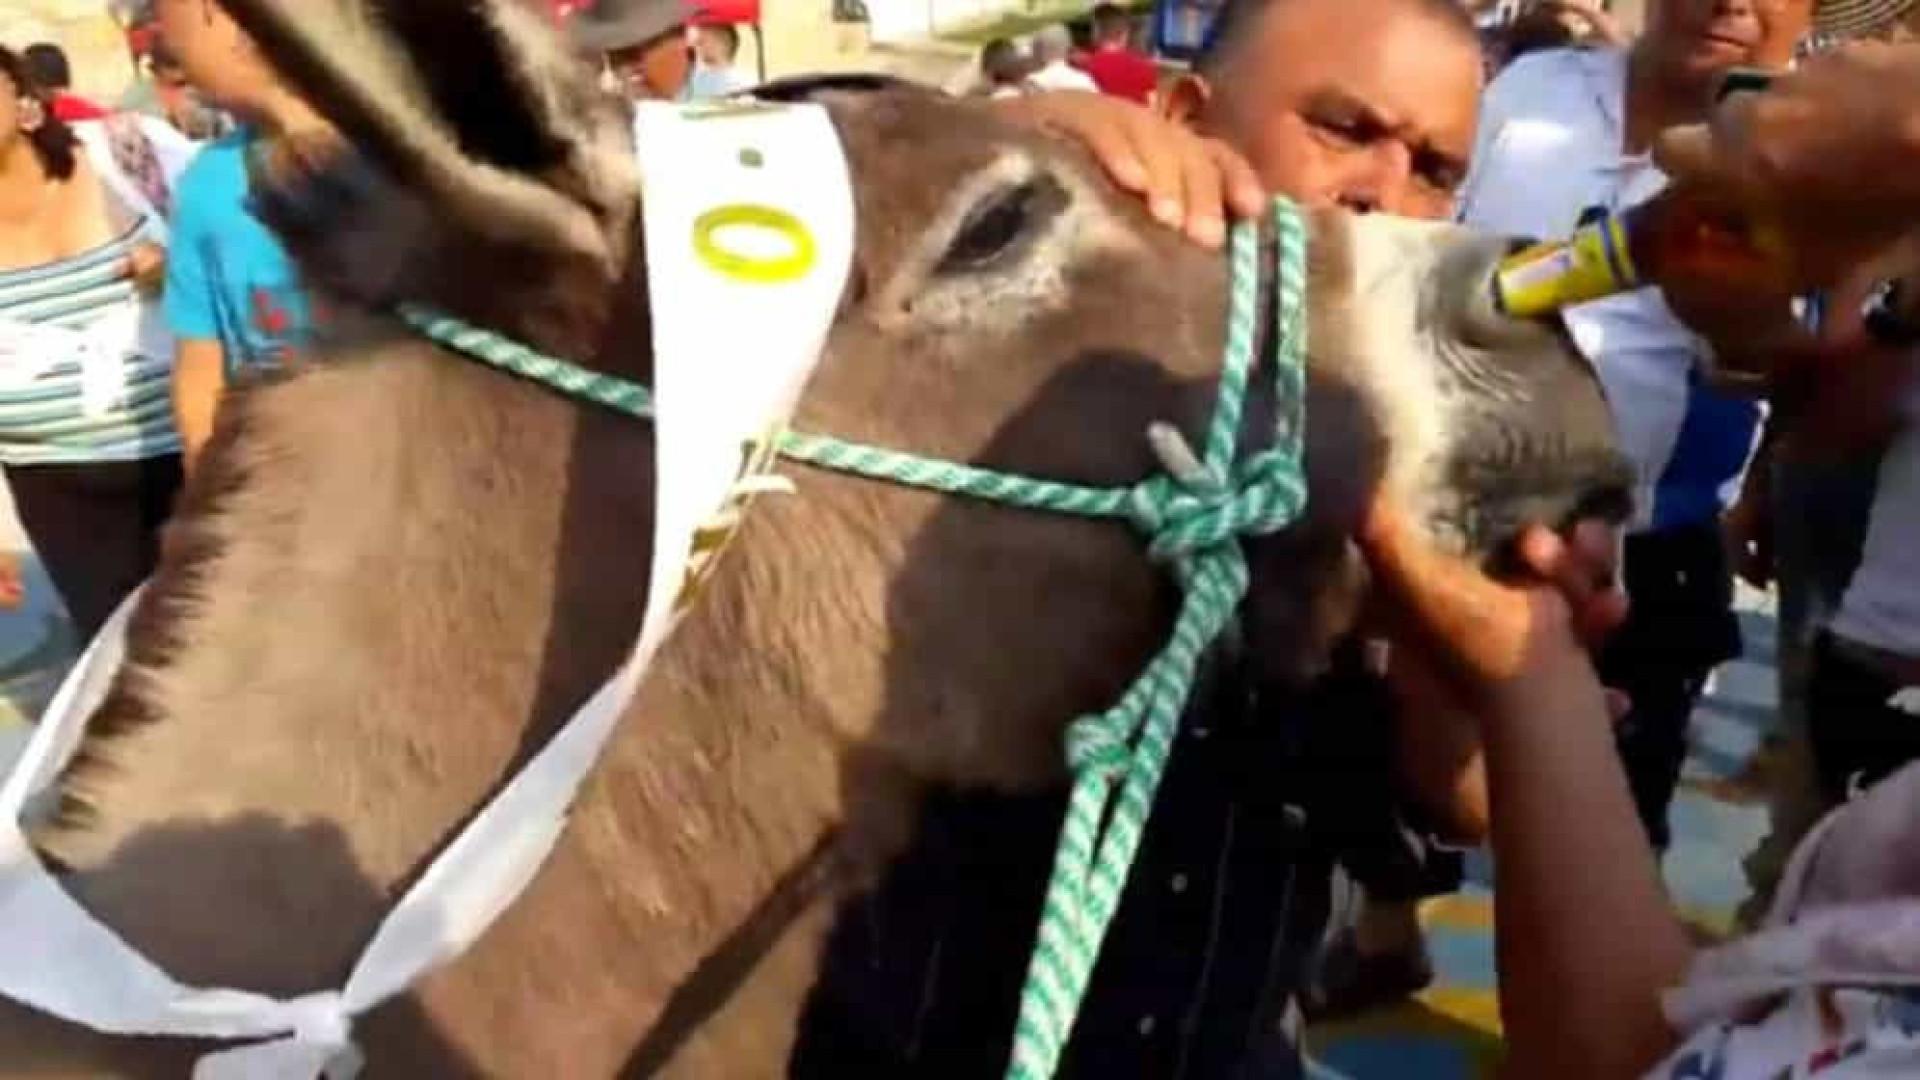 Dona obriga burro a beber cerveja pelo nariz e causa indignação